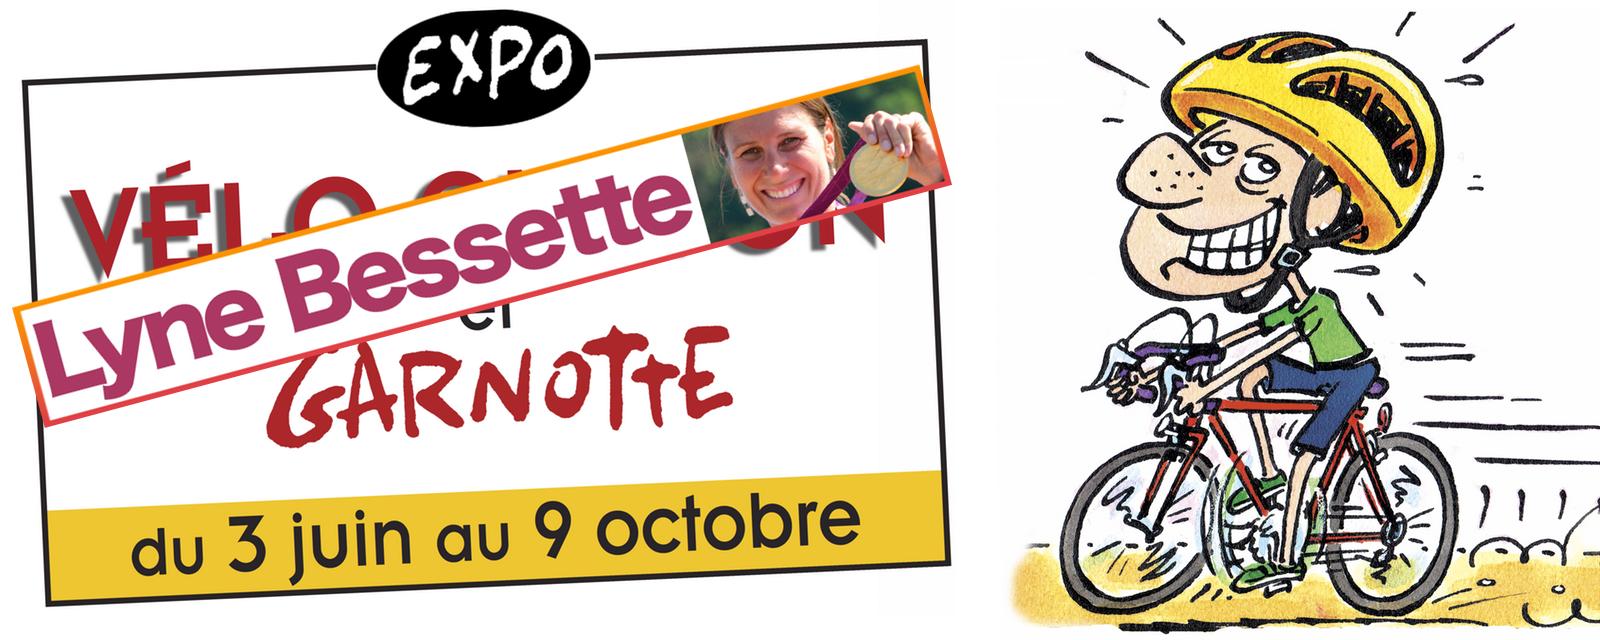 Expo Vélo Sutton & Garnotte